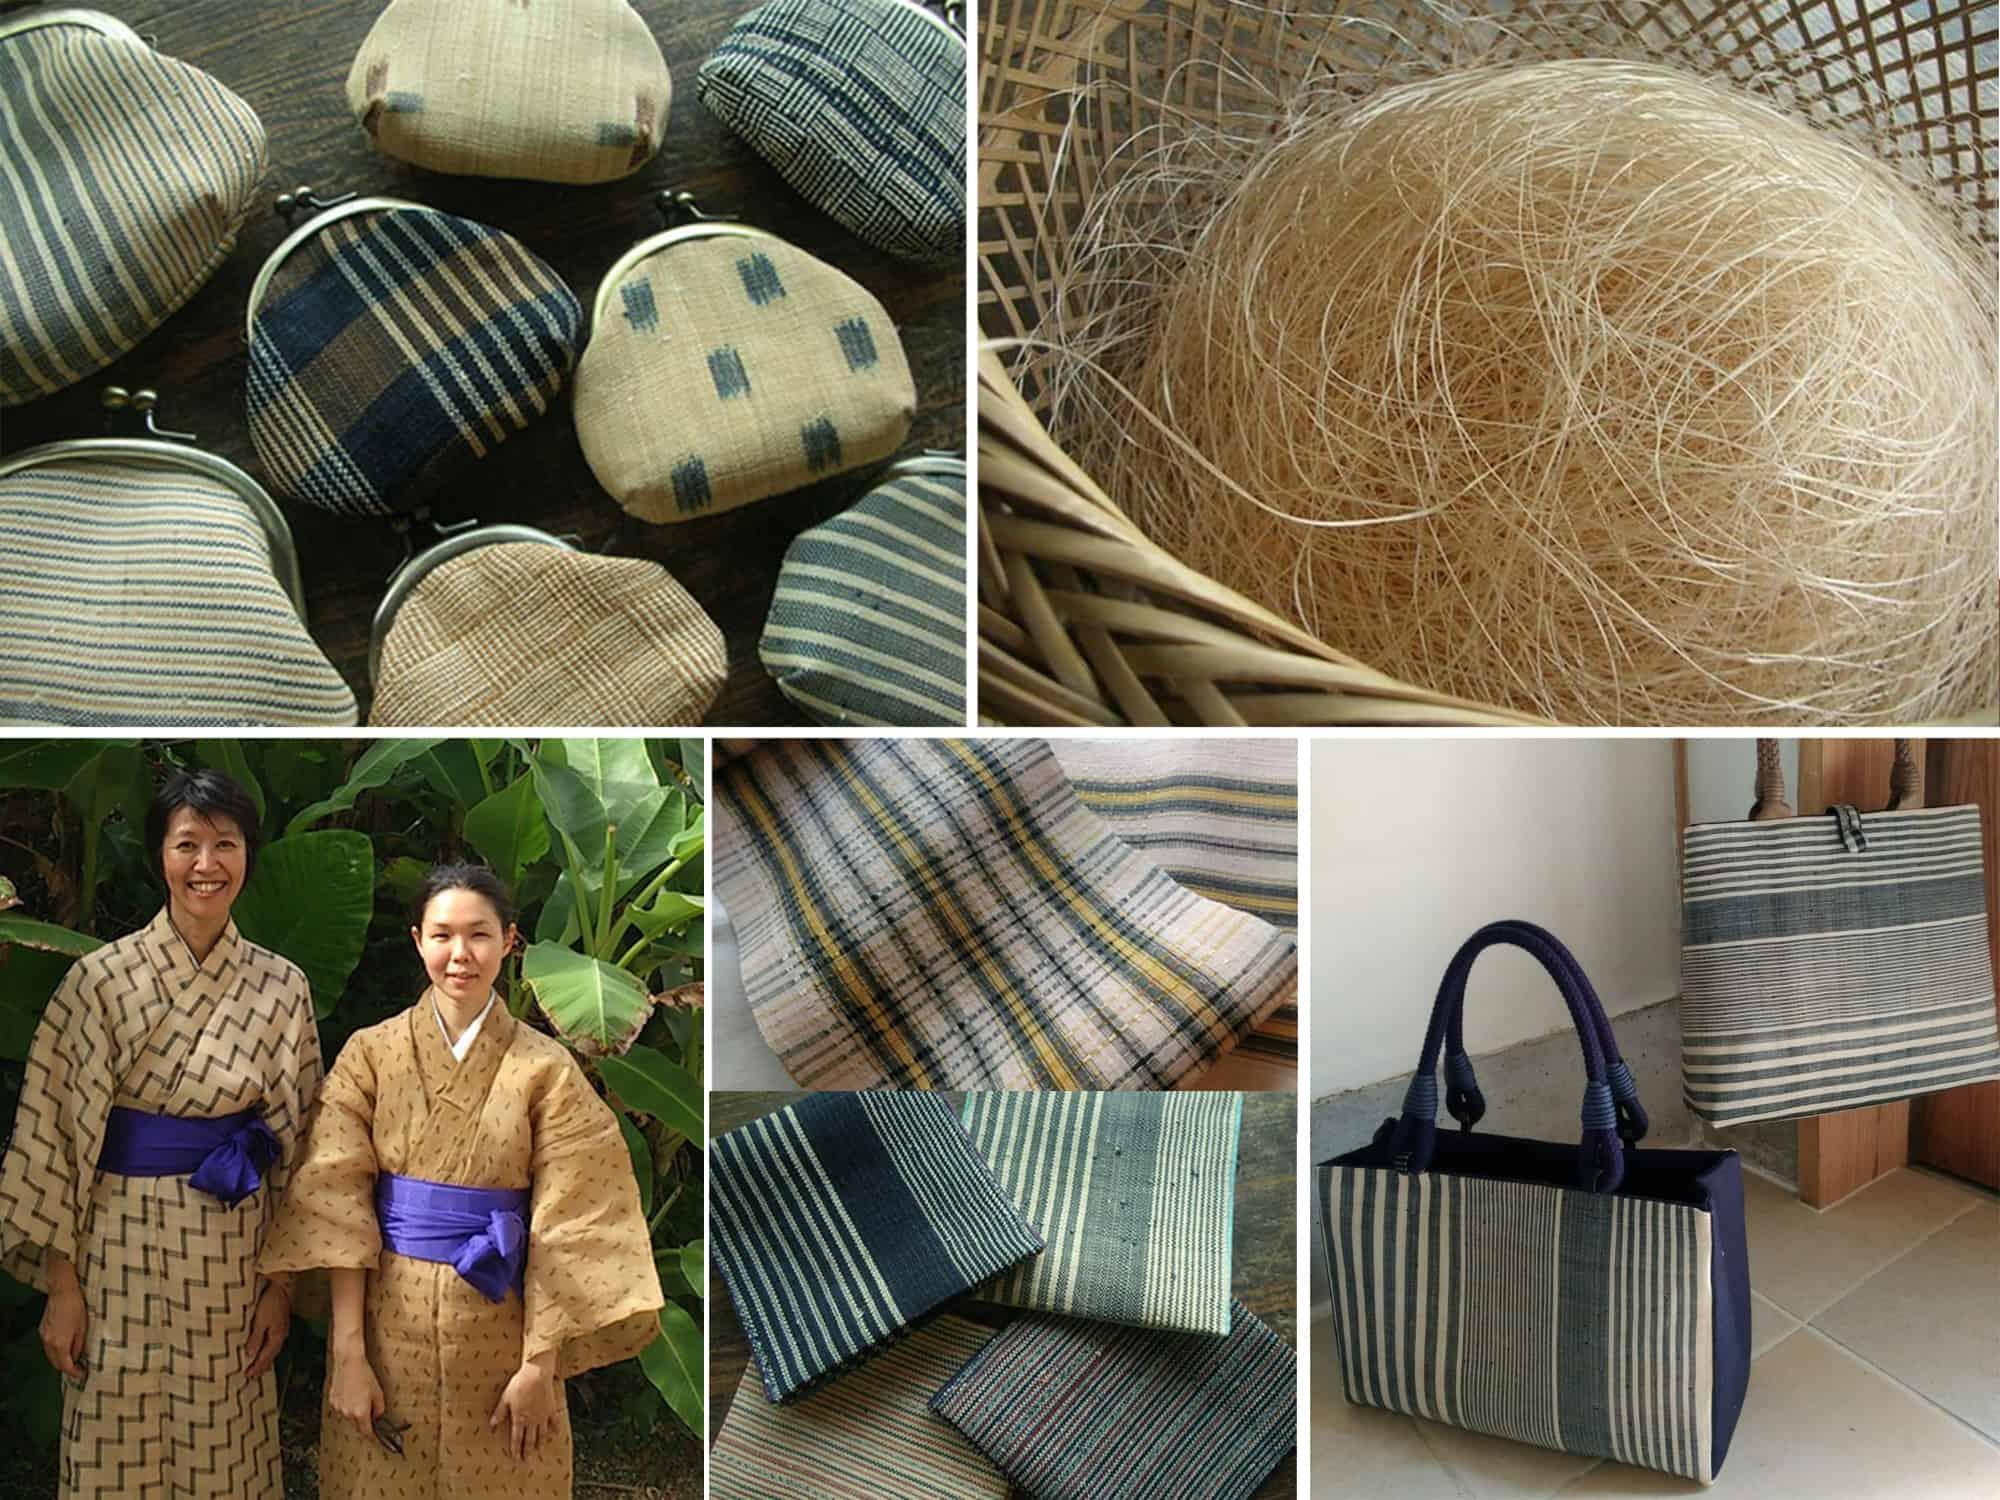 ผ้าบาโซฟุ (芭蕉布) ผ้าทอมือดั้งเดิมของ โอกินาว่า ถือเป็น ของฝาก ที่มีคุณค่าจาก โอกินาว่า